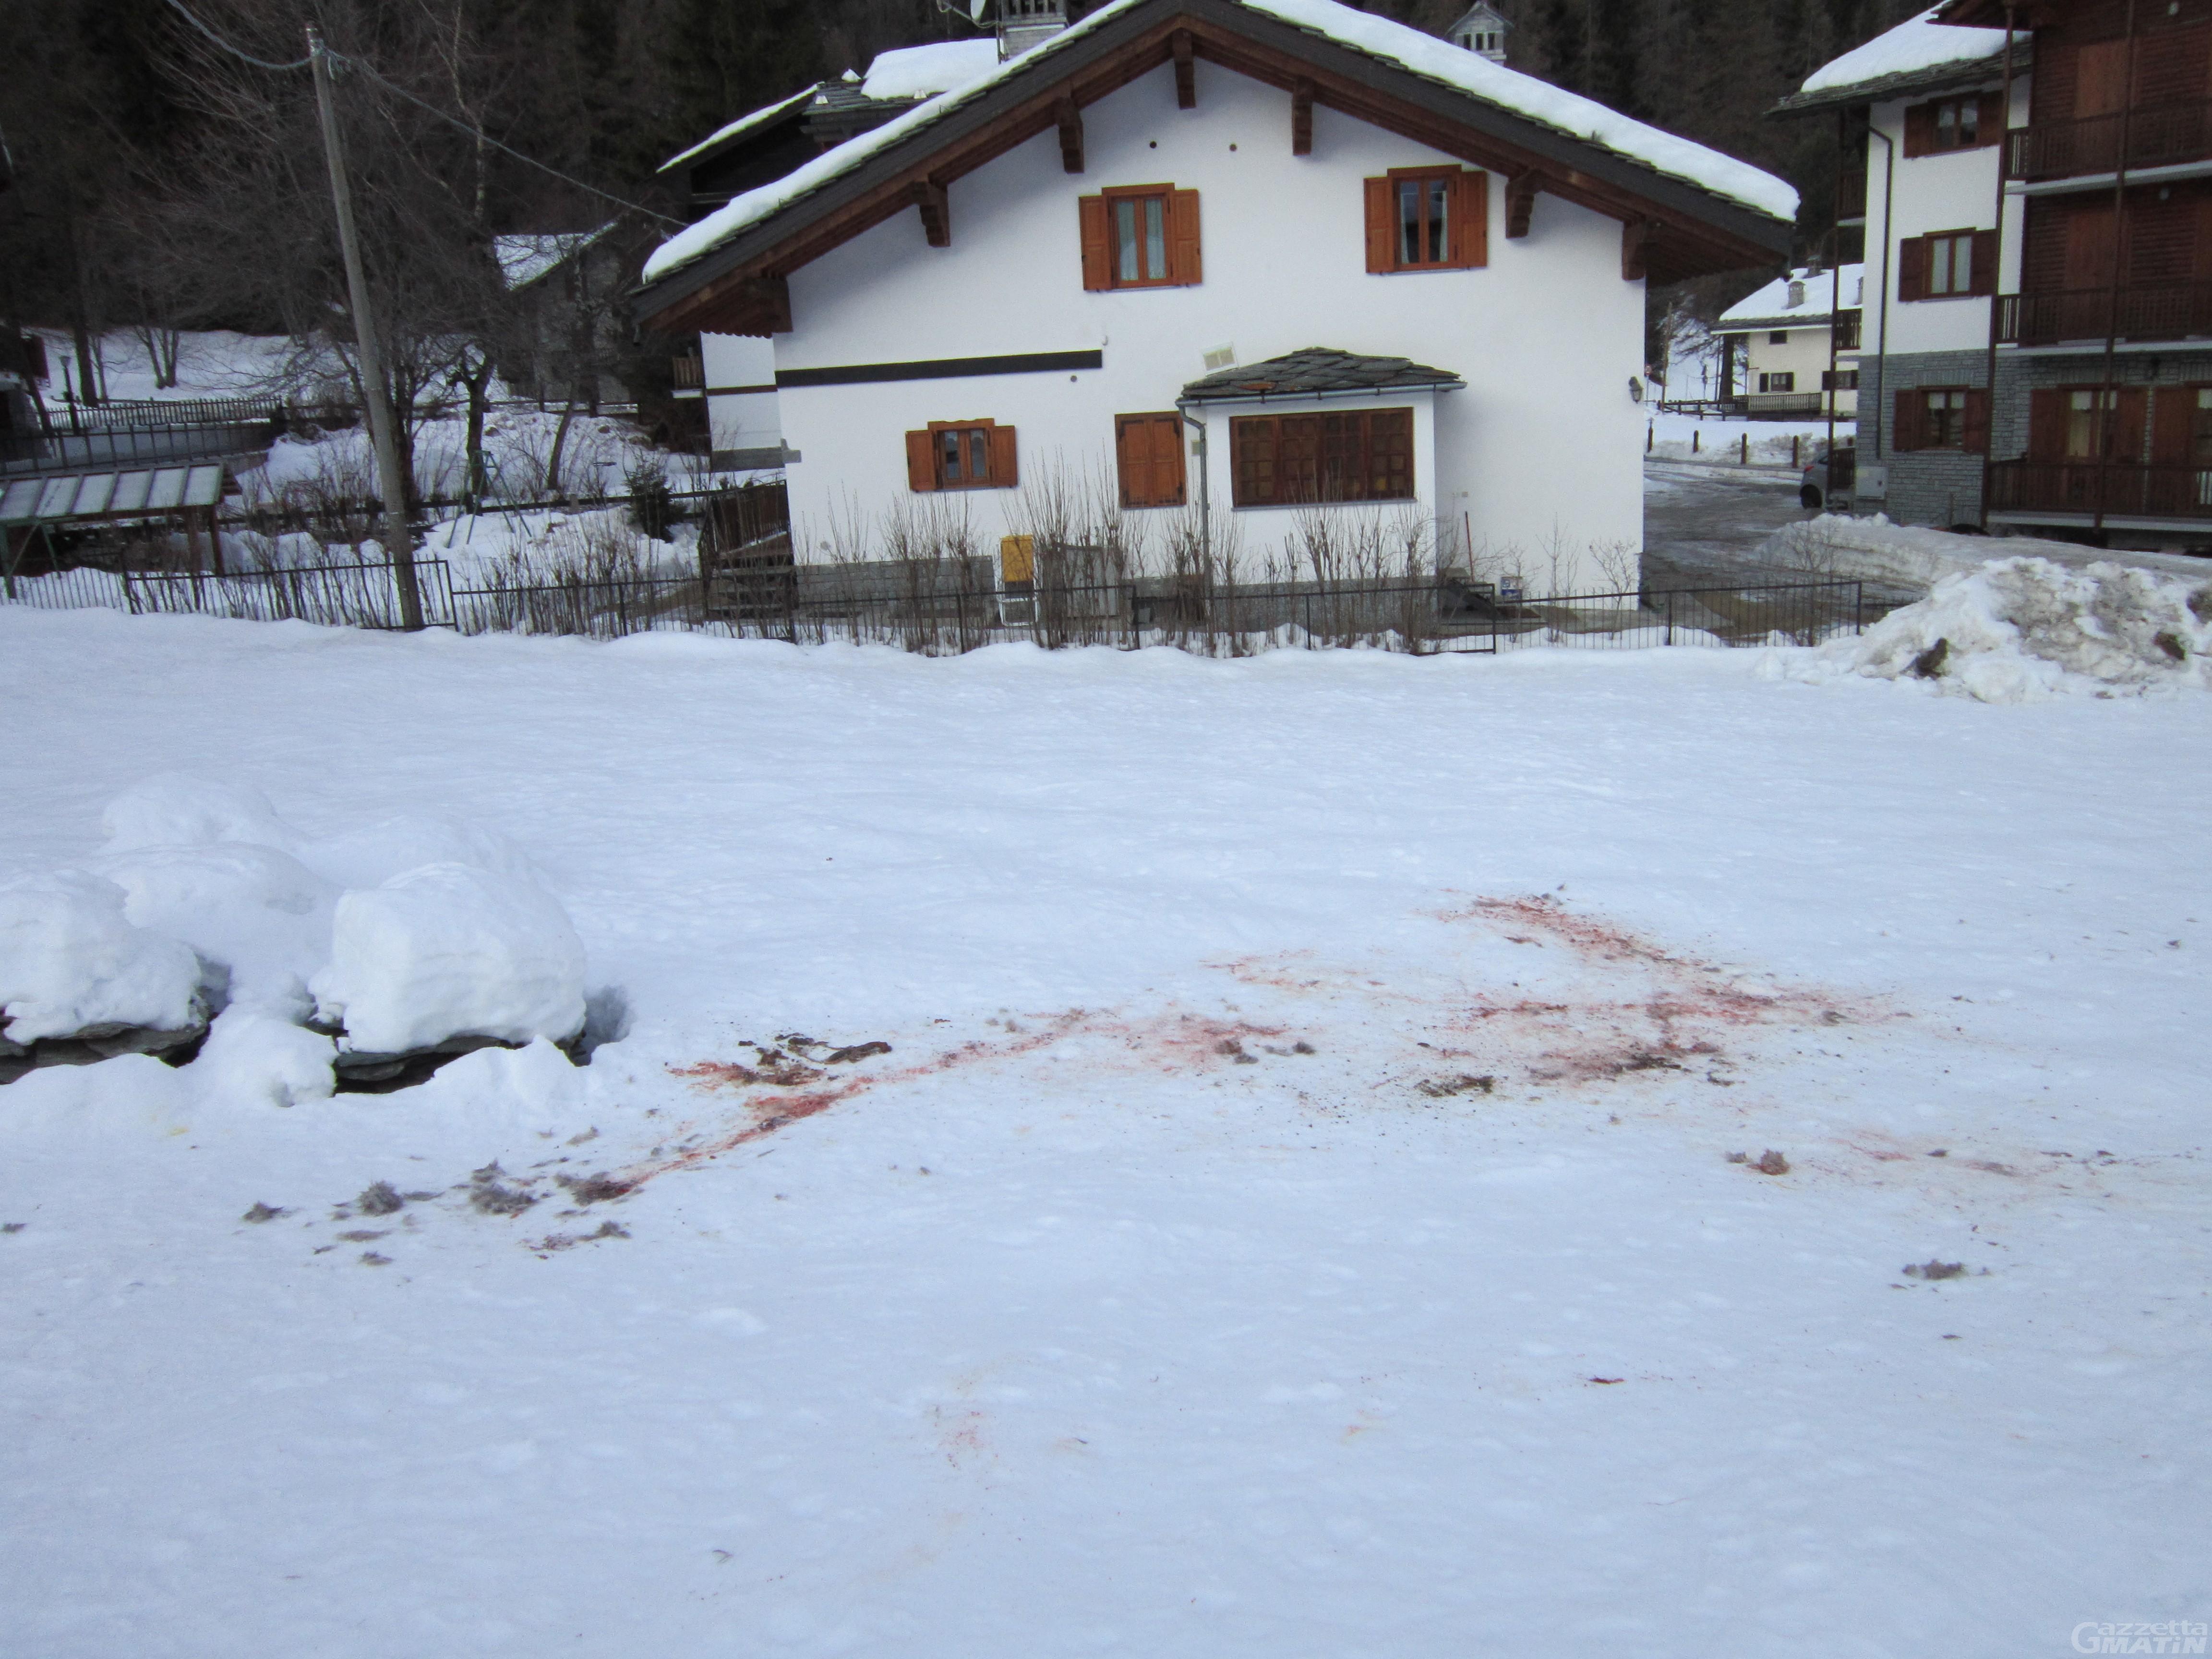 Gressoney-Saint-Jean: la testimonianza dell'attacco di un branco di lupi